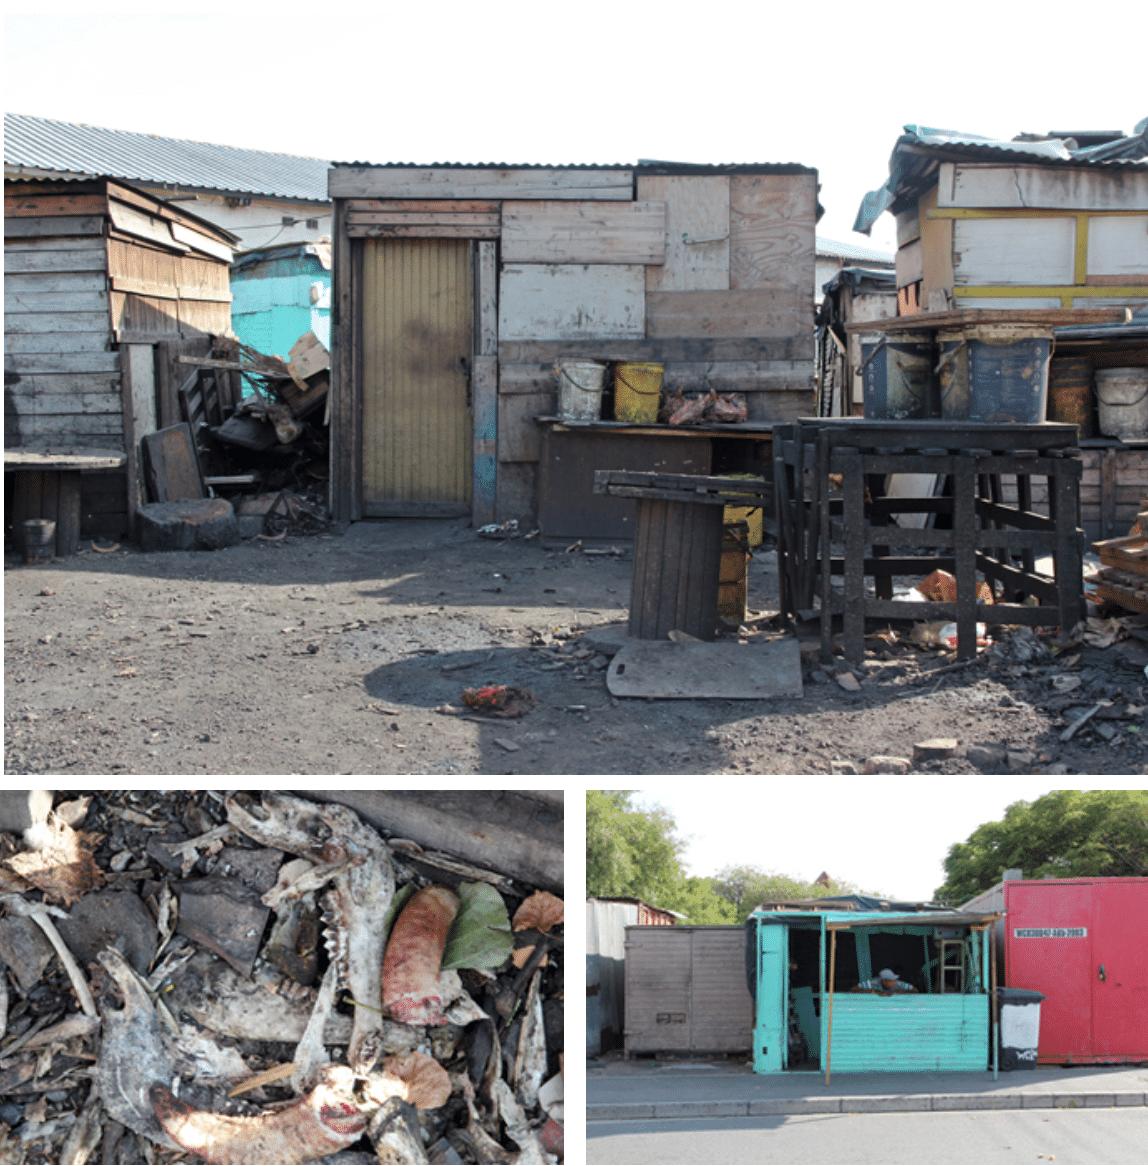 Kapstadt Township